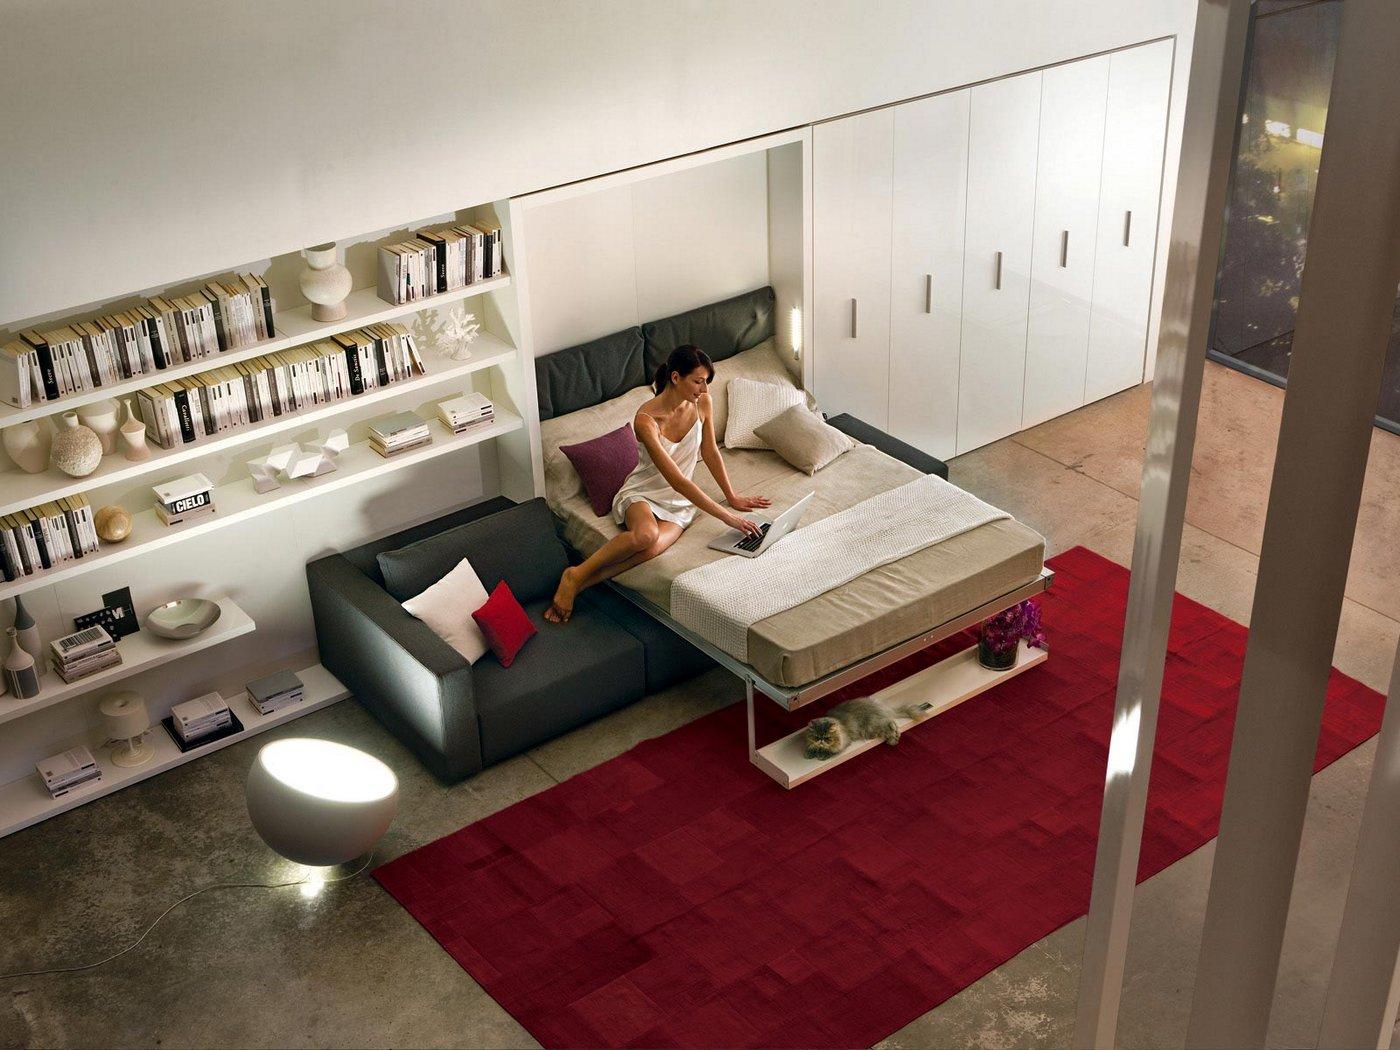 salon cama abatible con sofa abierta